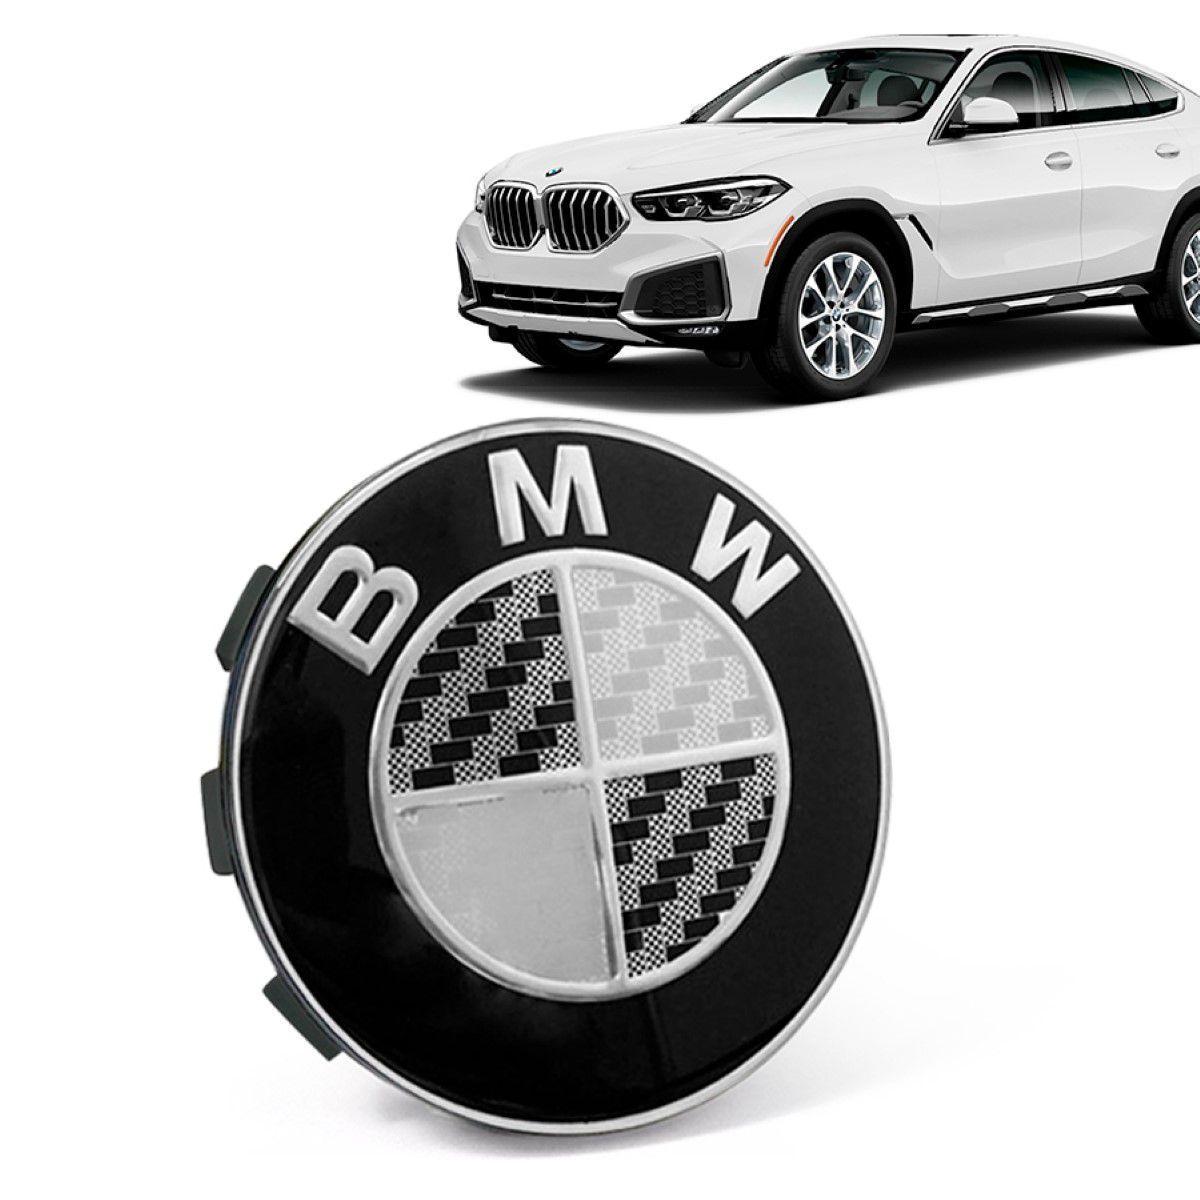 Calota Centro Roda Original Bmw X6 2020 Emblema Preto Gfm Calotinha Calota Para Carro Magazine Luiza